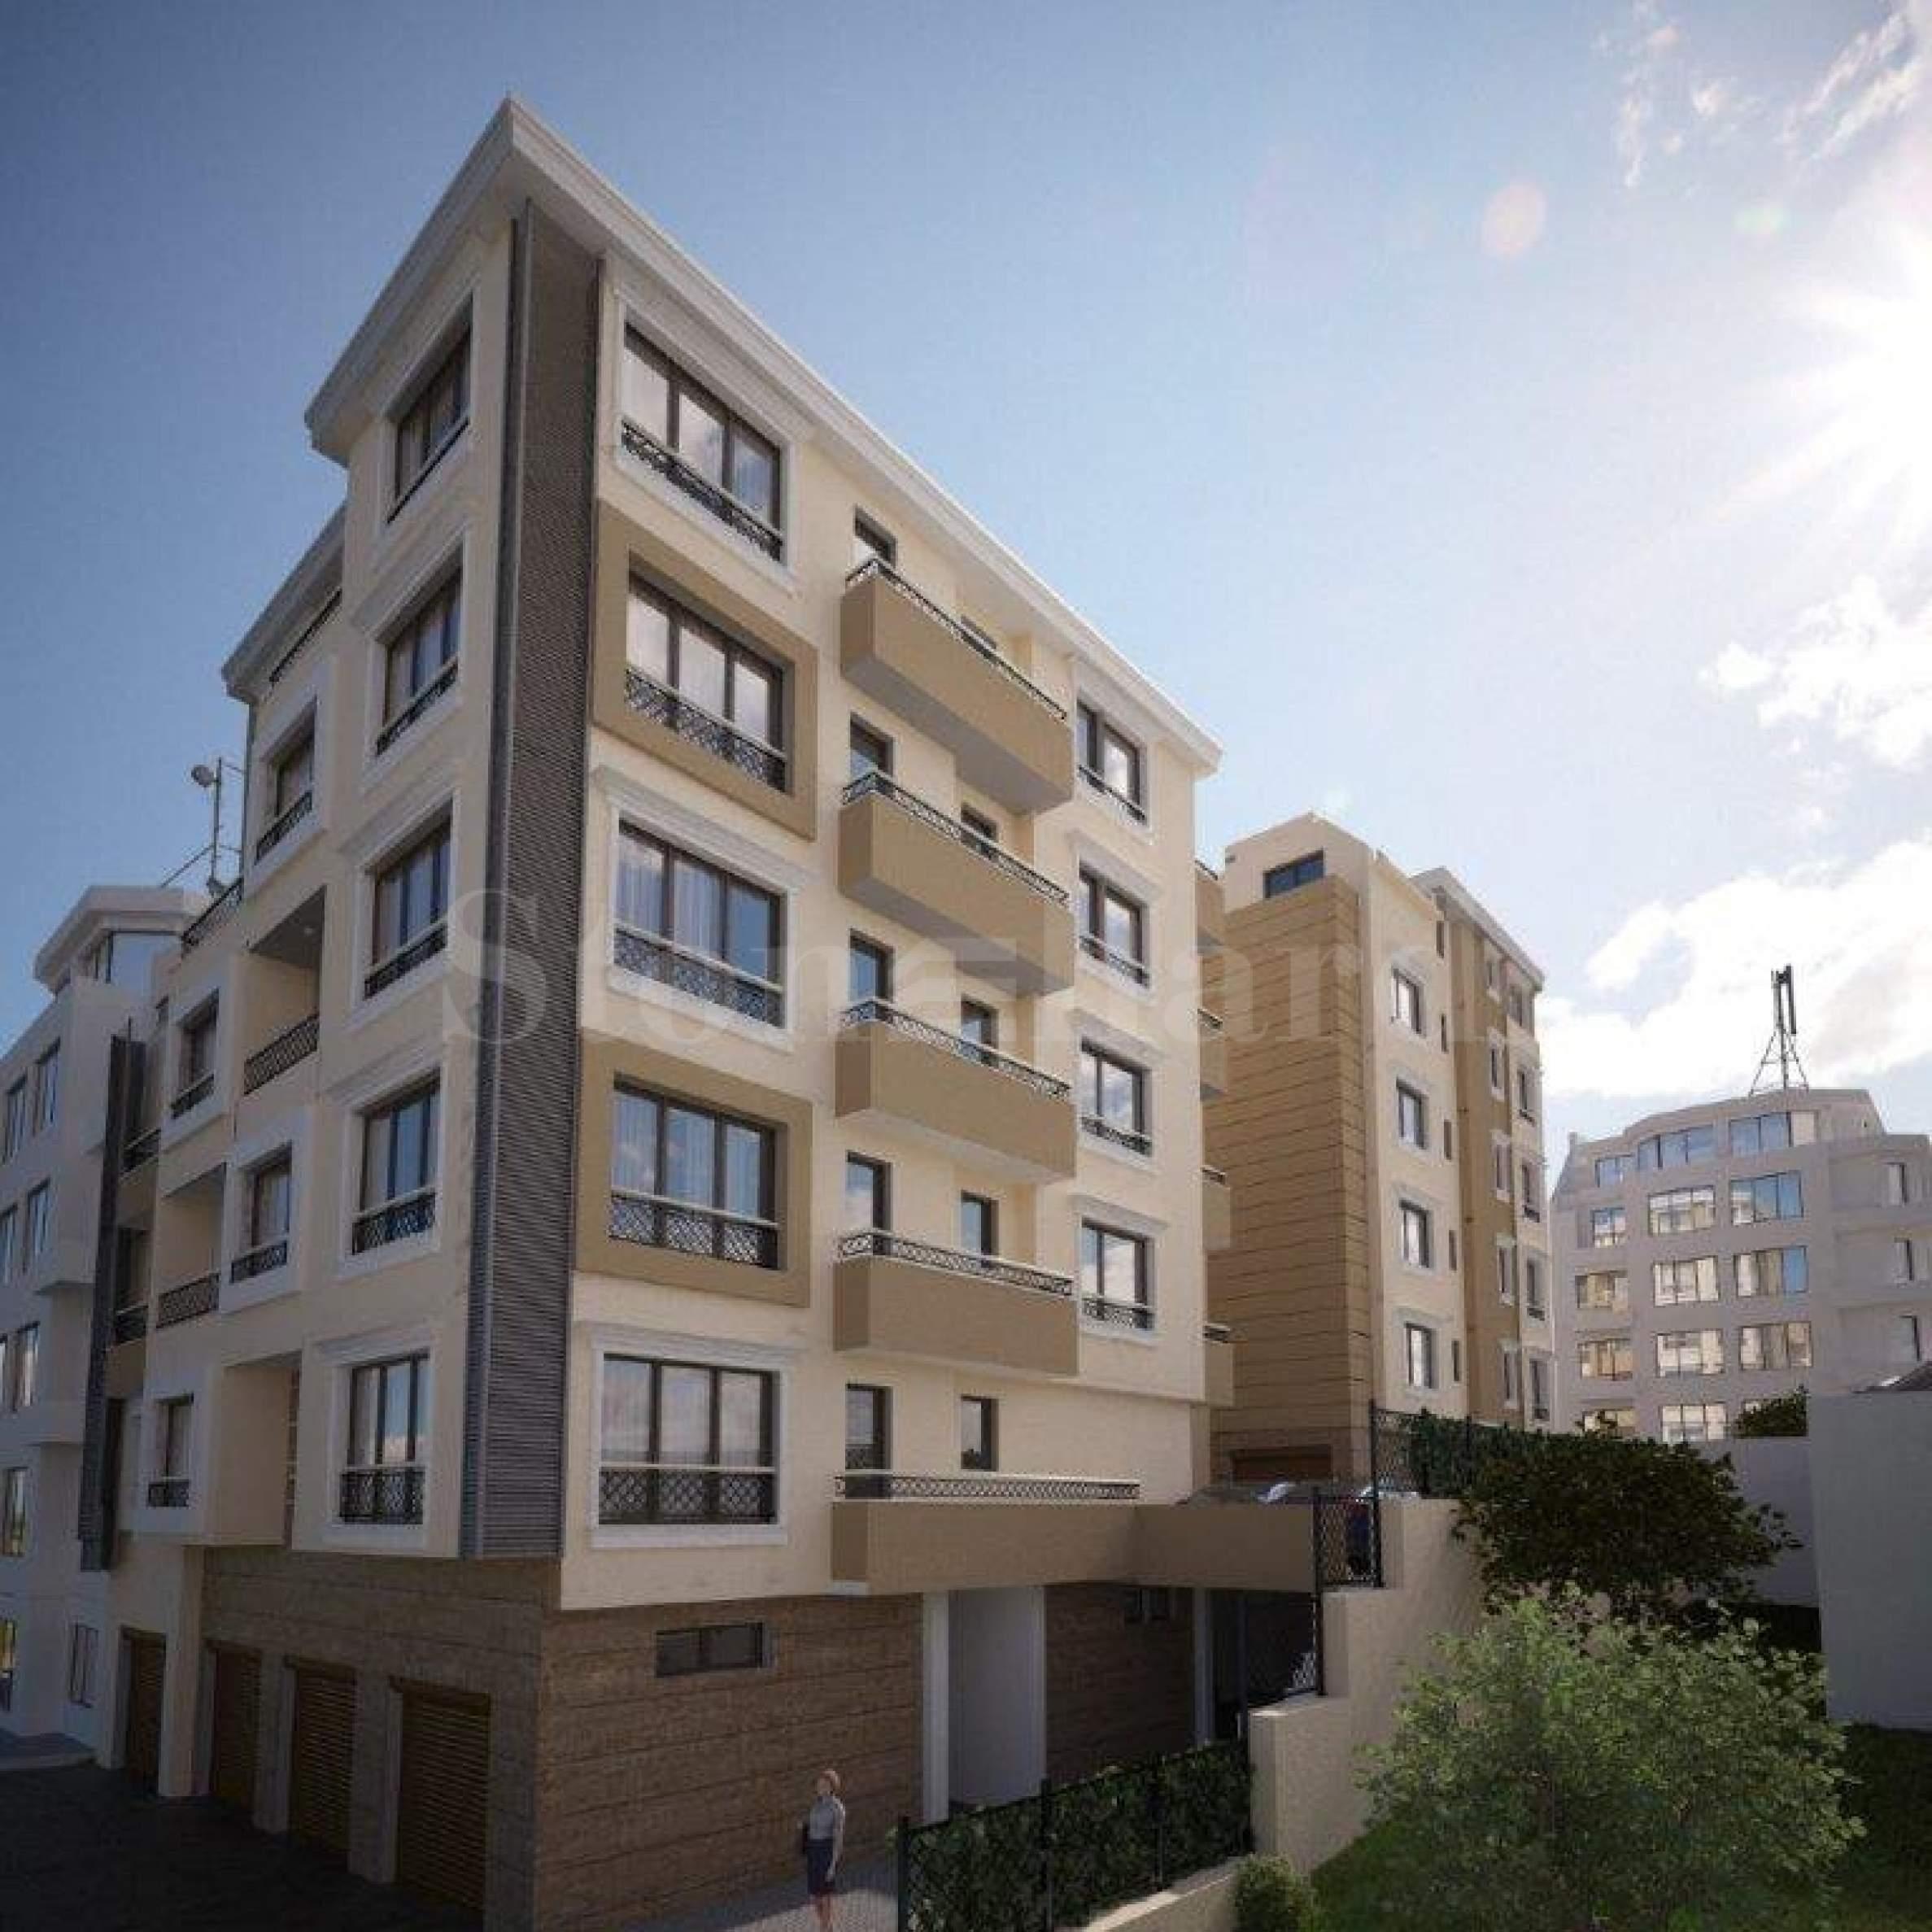 Апартаменти и офиси в комплекс висок клас строителство1 - Stonehard